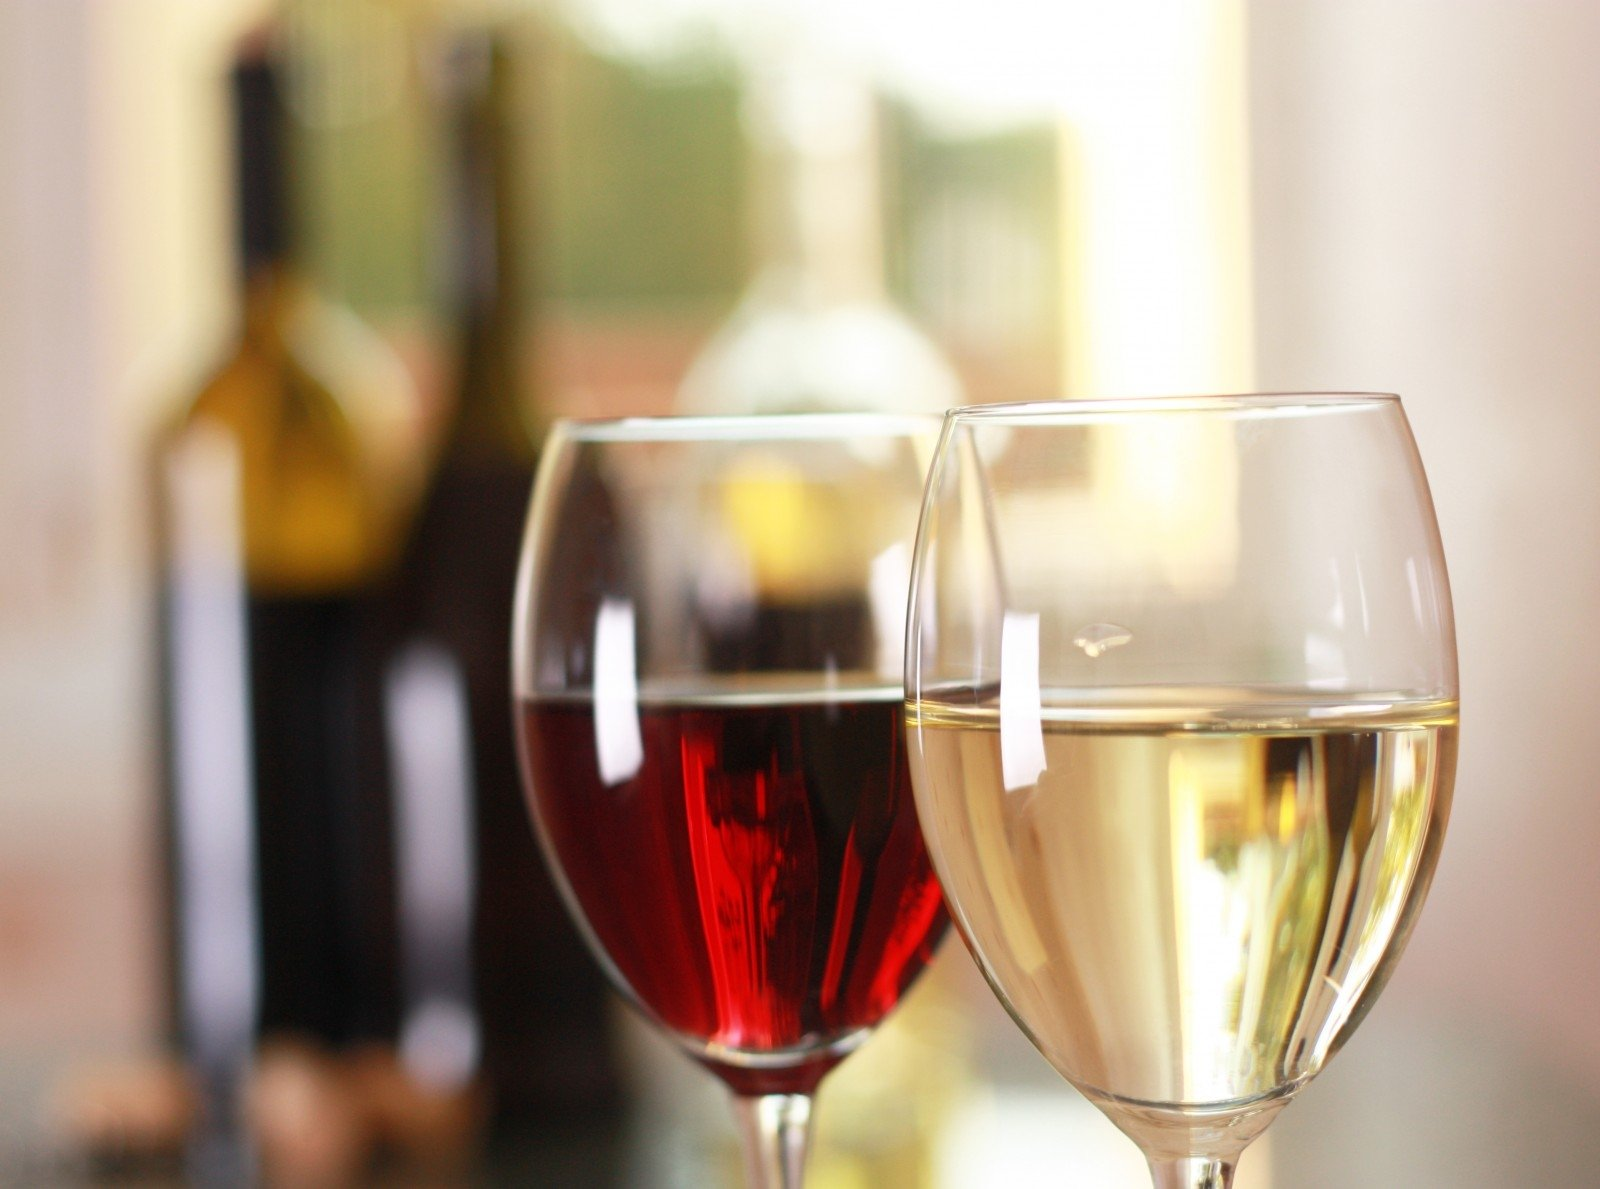 širdies sveikatos raudonojo vyno nauda ir šalutinis hipertenzija ir rūkymas moterims